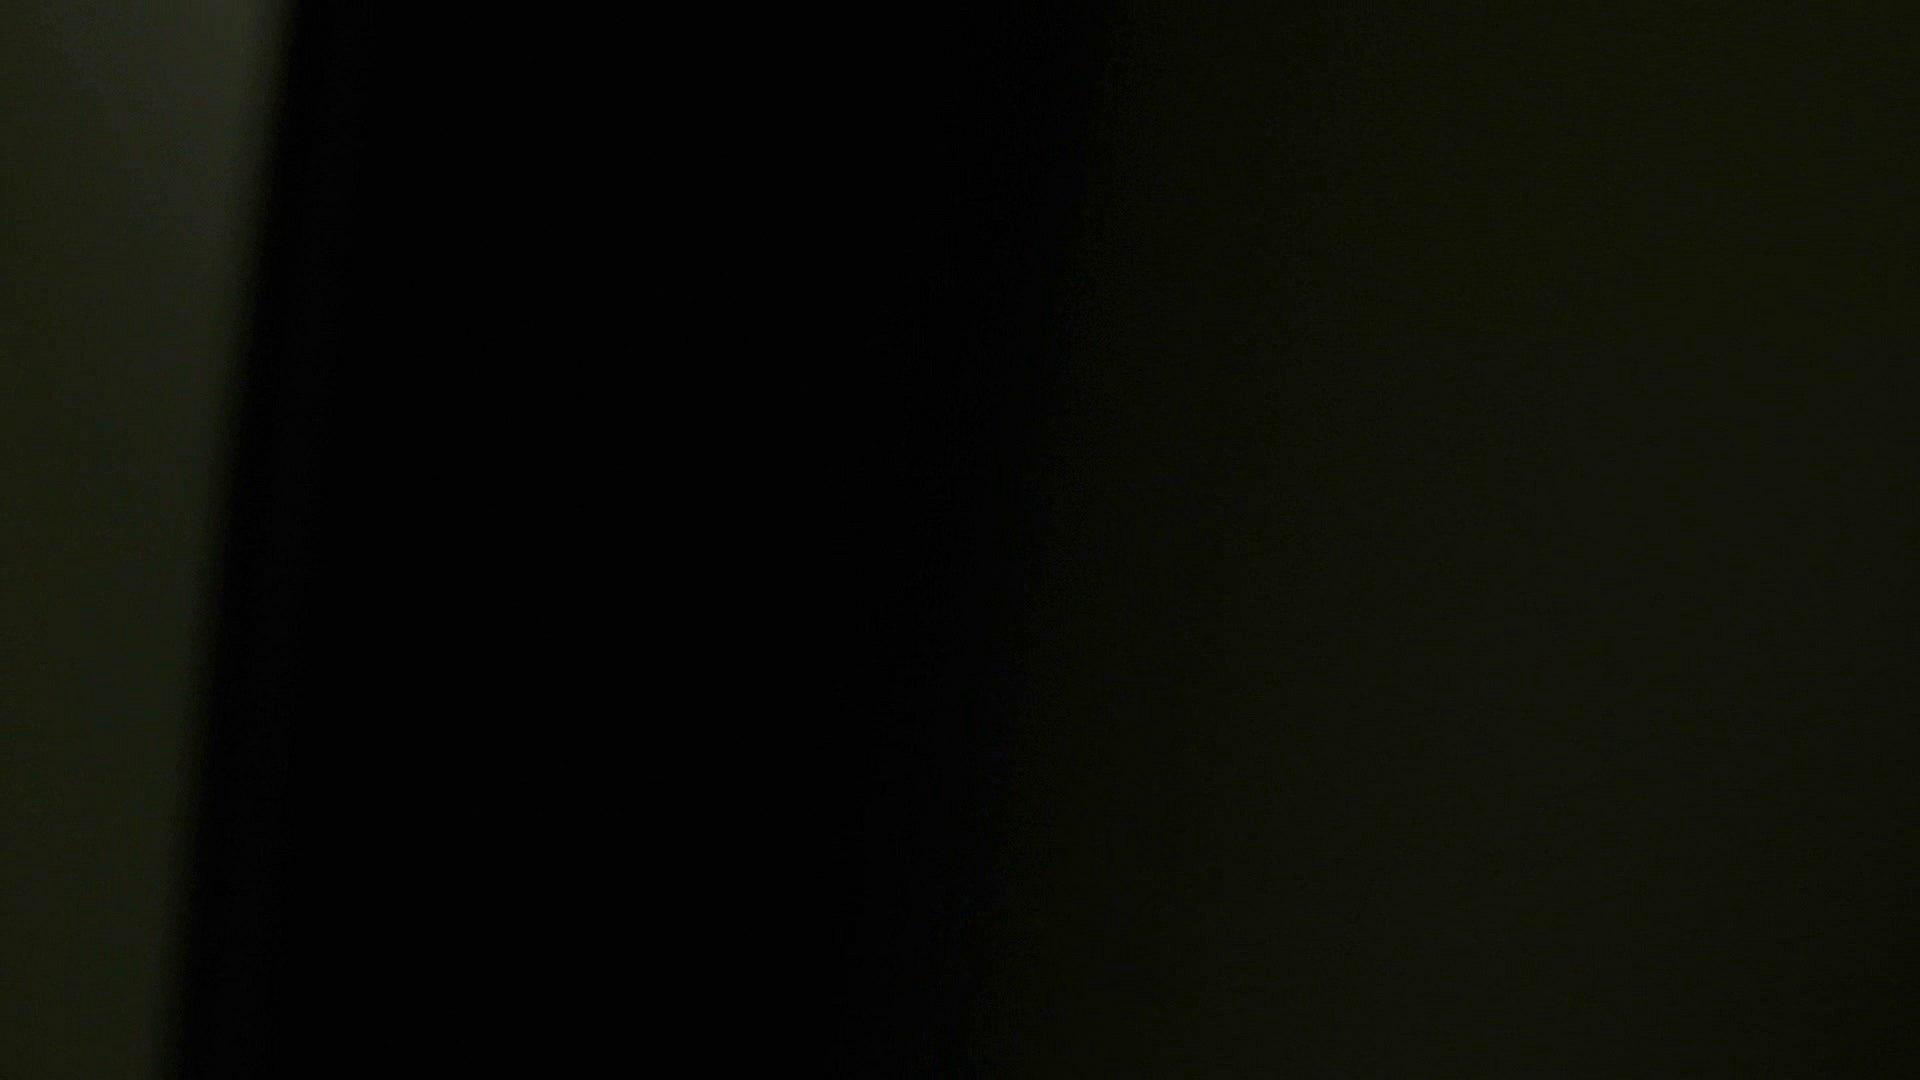 お市さんの「お尻丸出しジャンボリー」No.02 お尻 のぞき動画画像 74pic 4